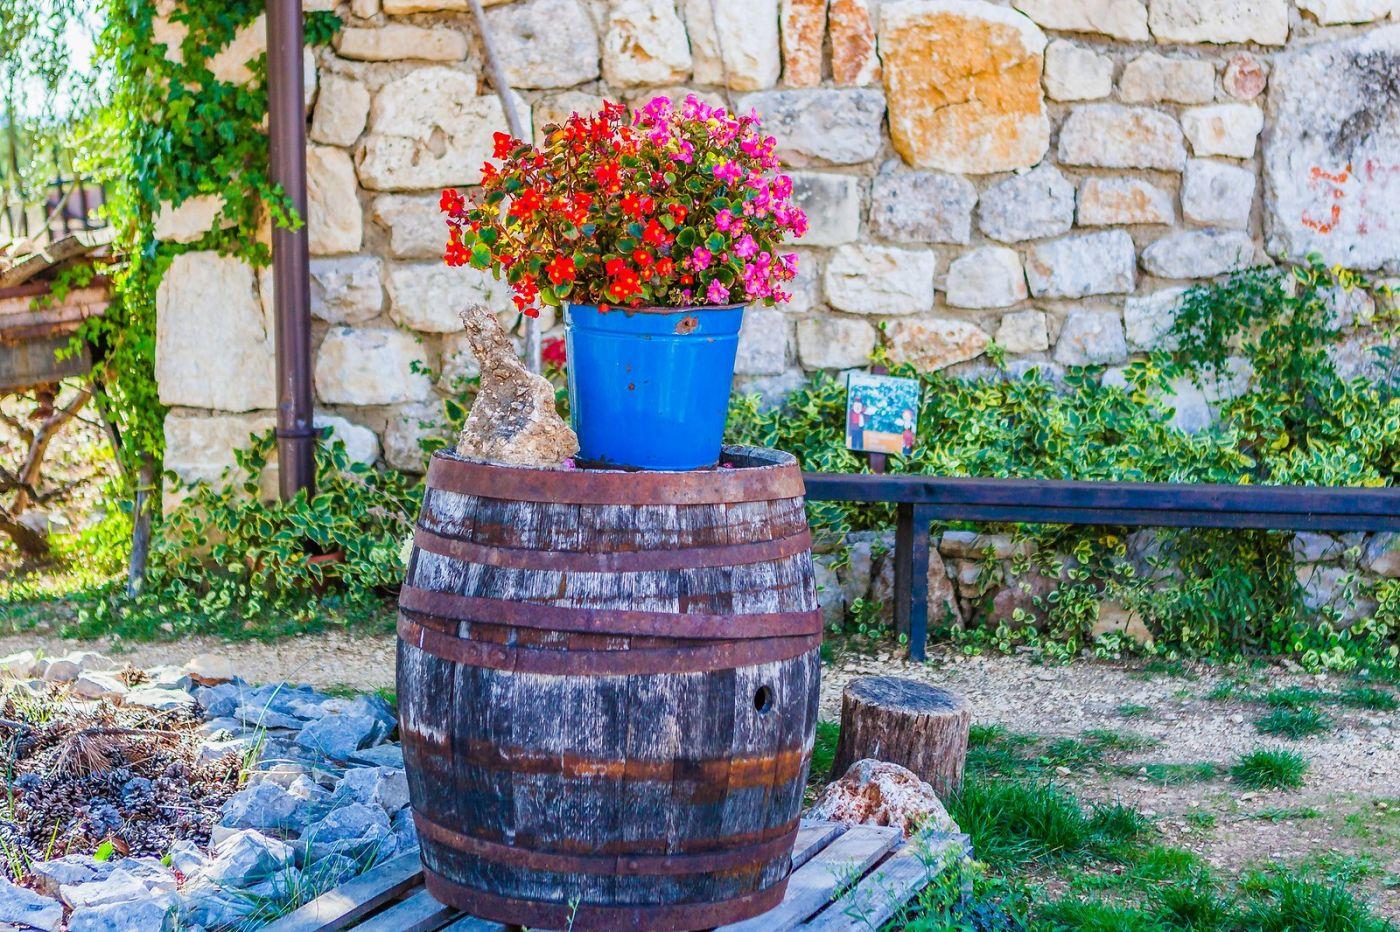 克罗地亚达尔马提亚村,独特的地域风貌_图1-16